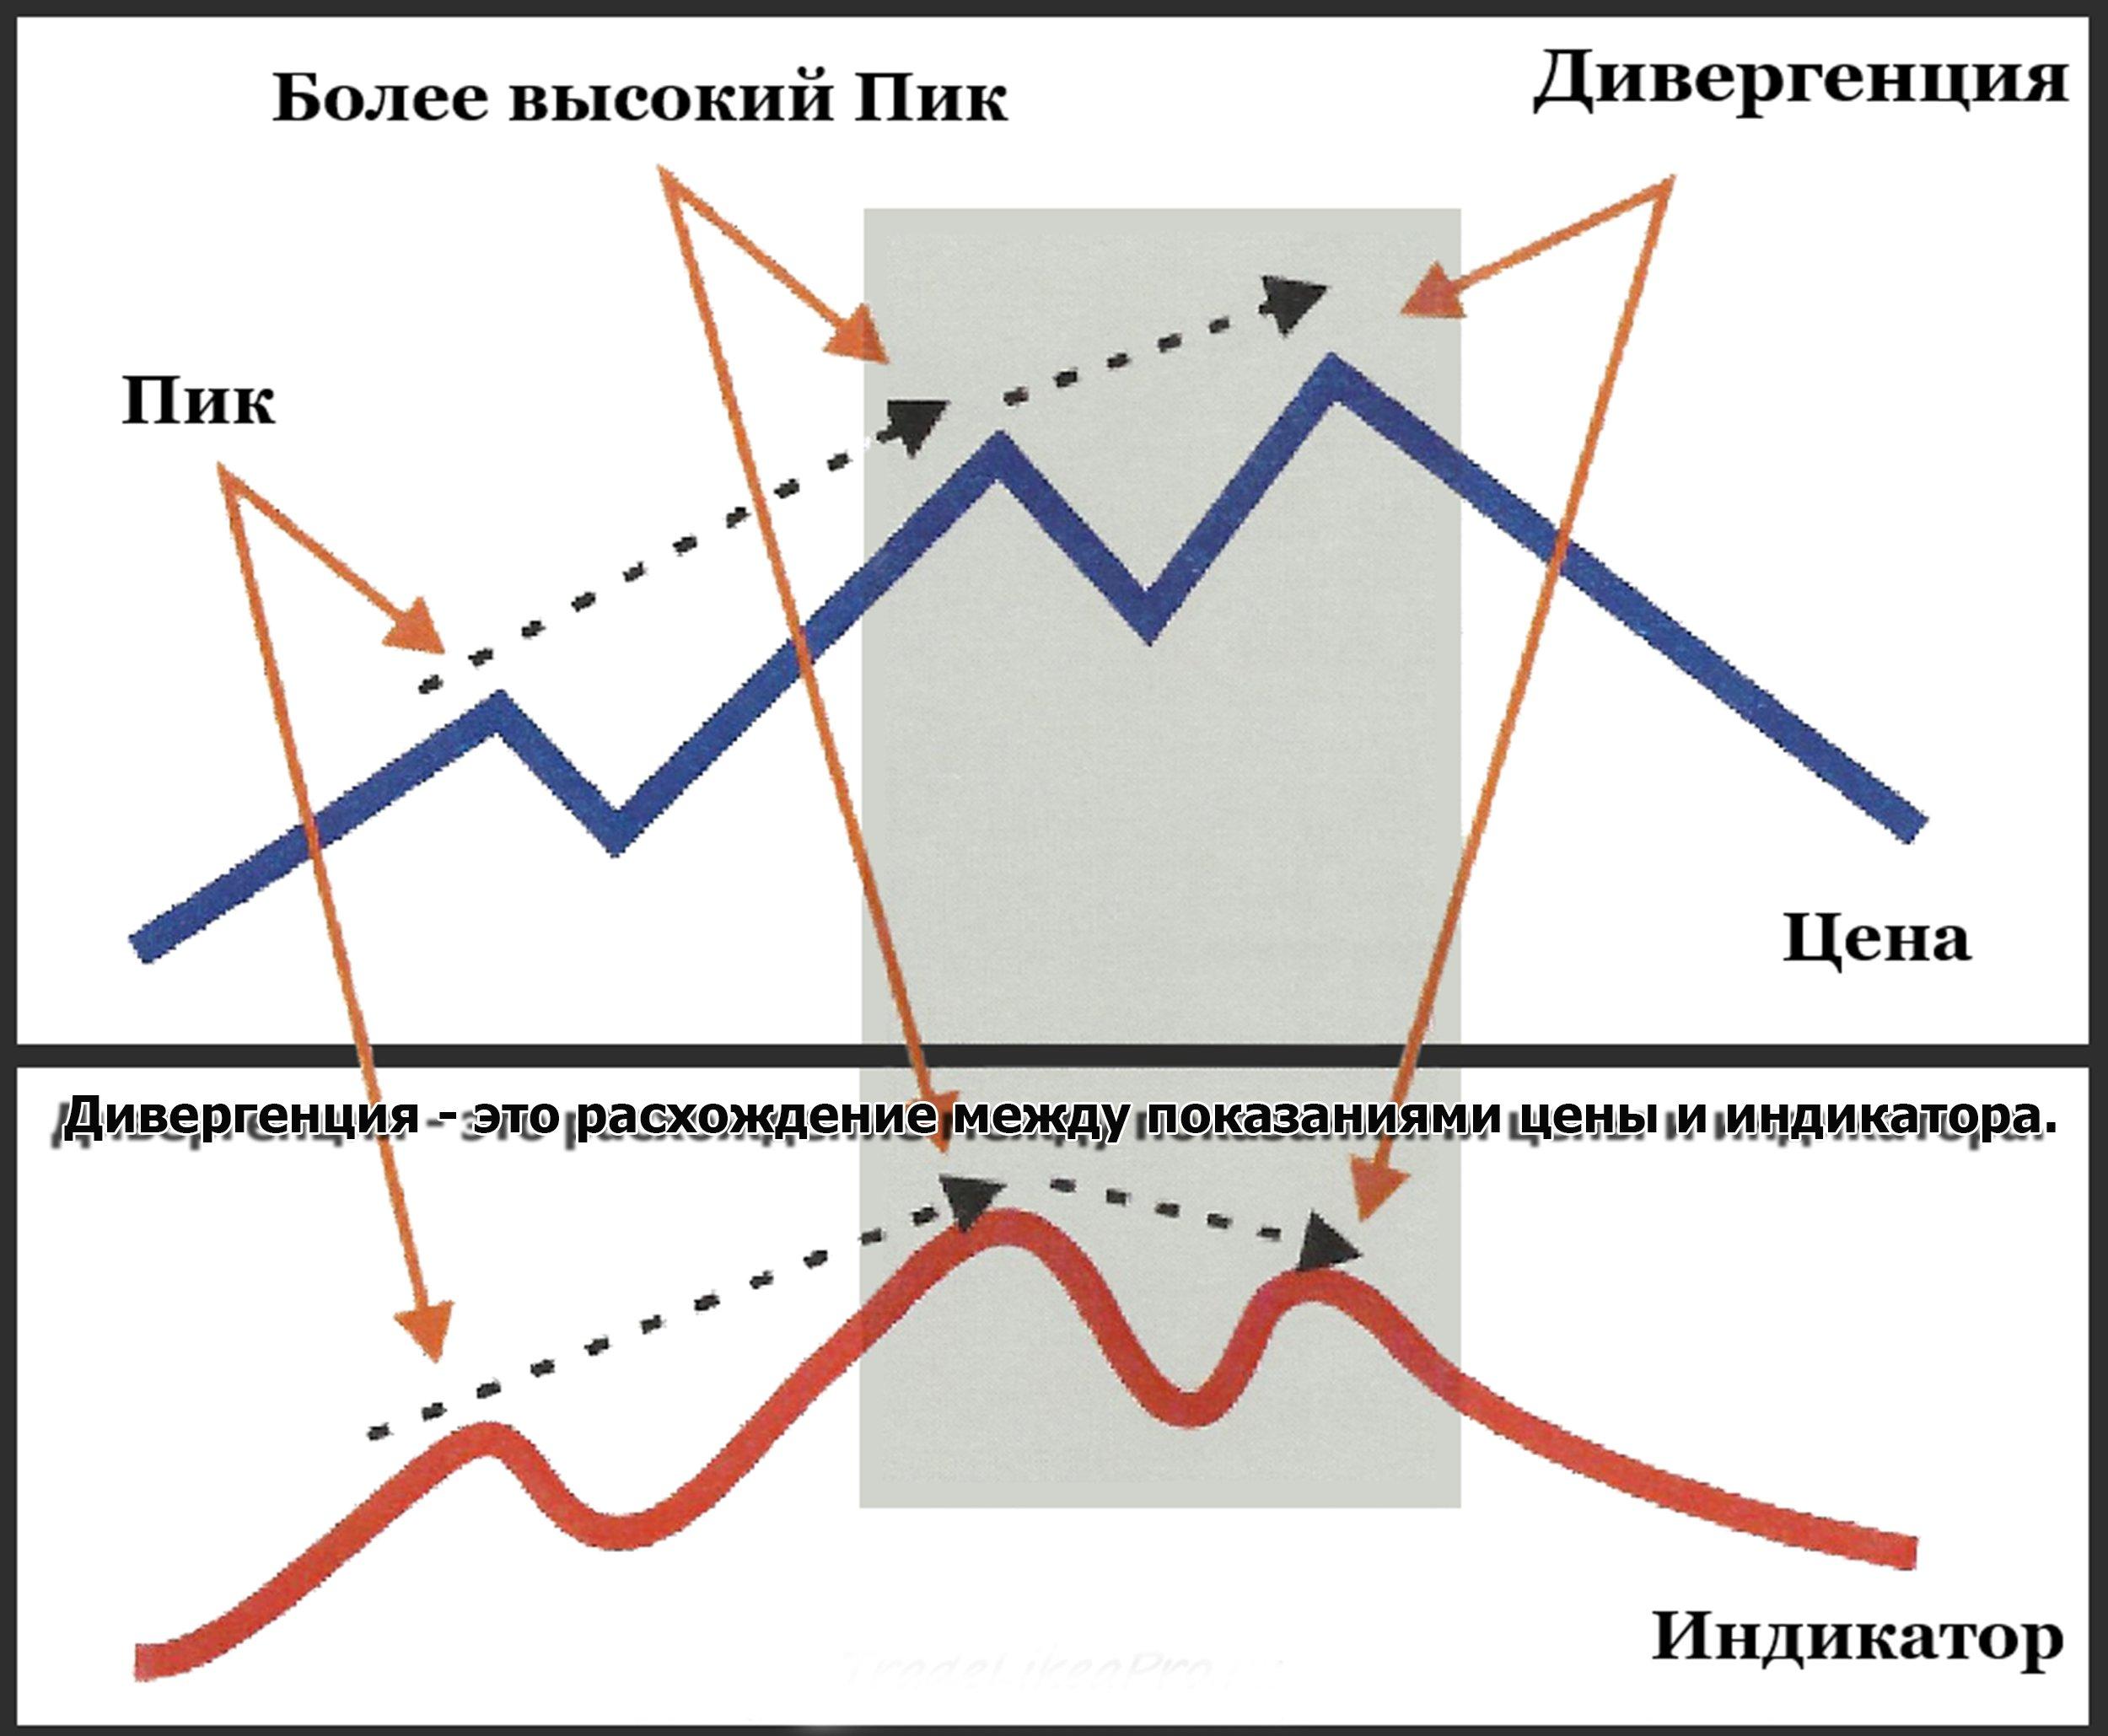 Стратегия «Джанконе» для бинарных опционов